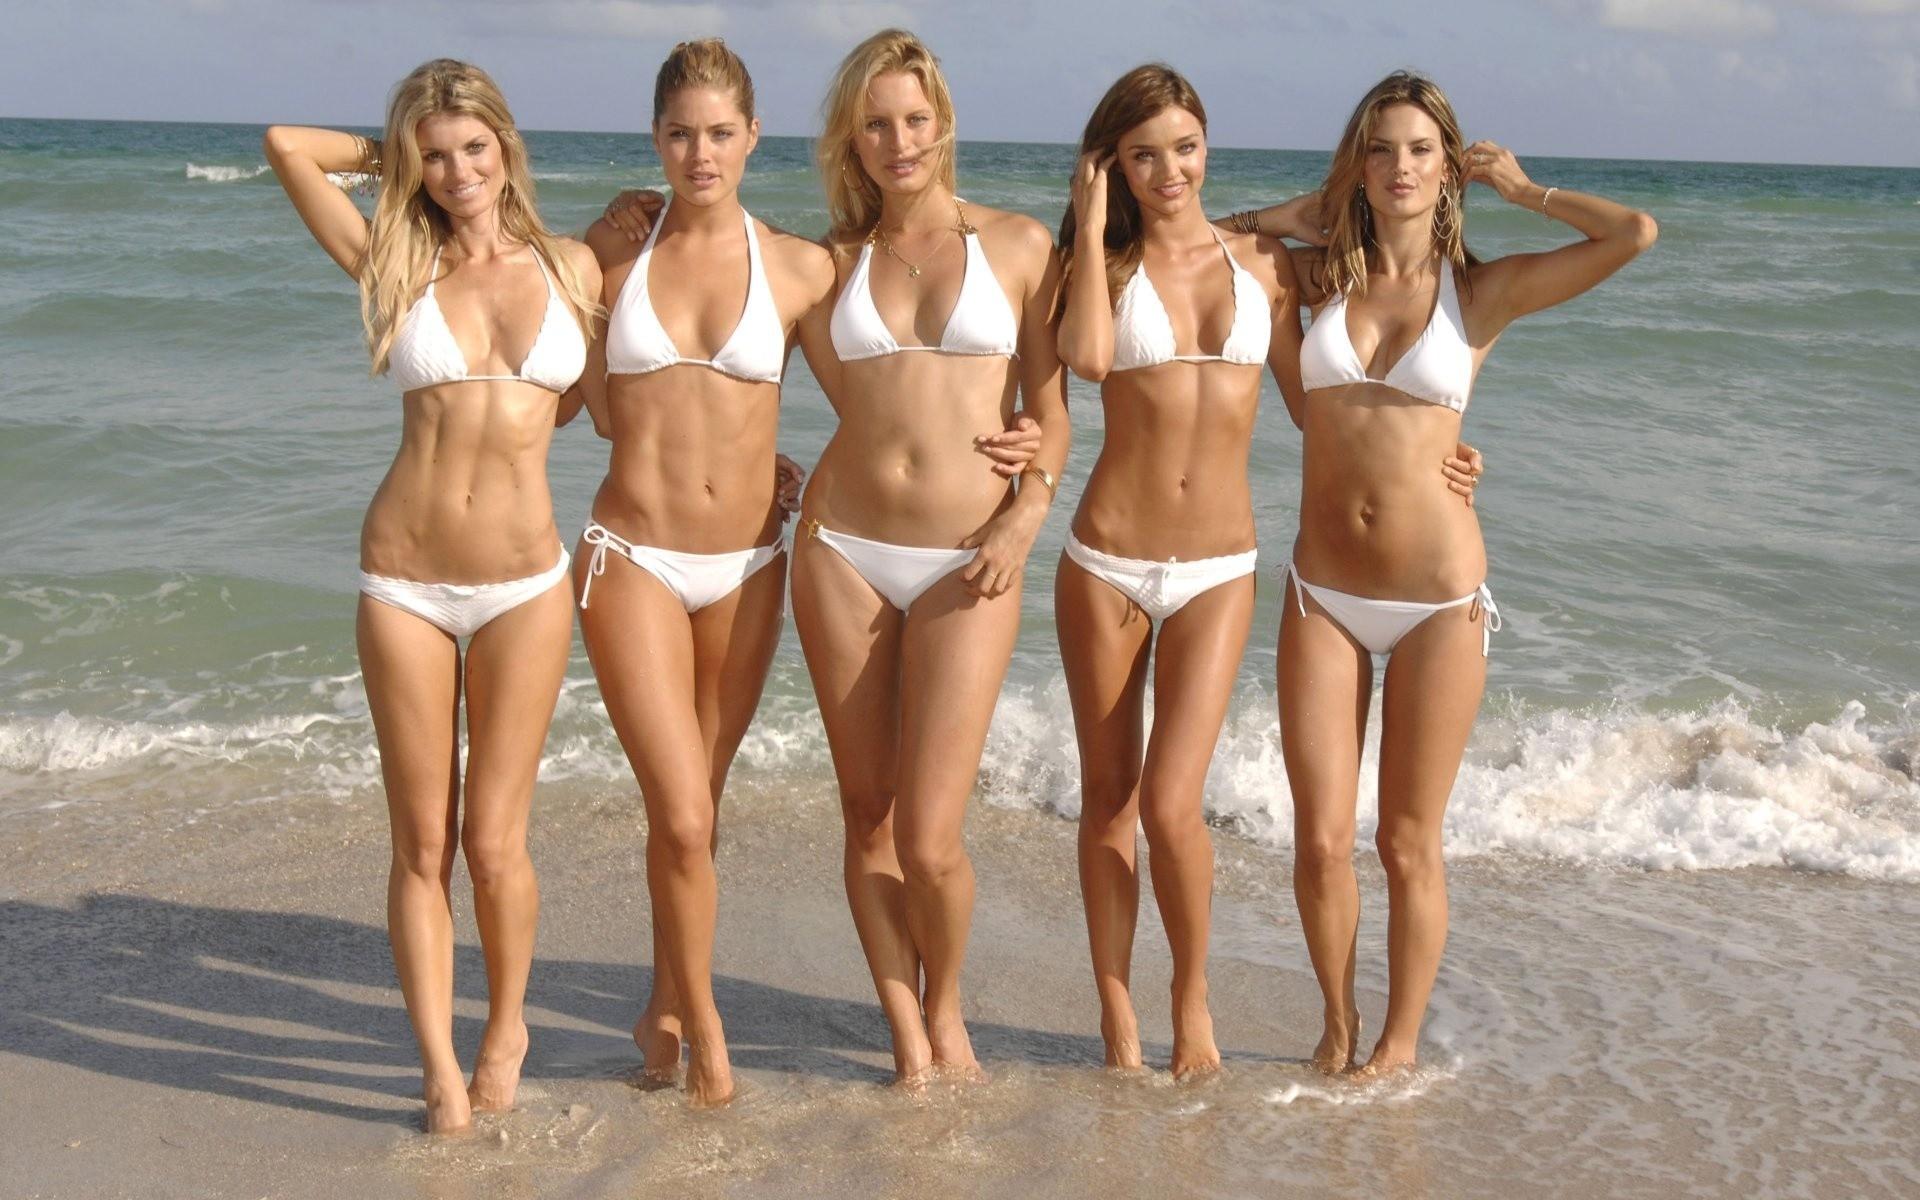 Wallpaper beach kerr miranda Best 35+